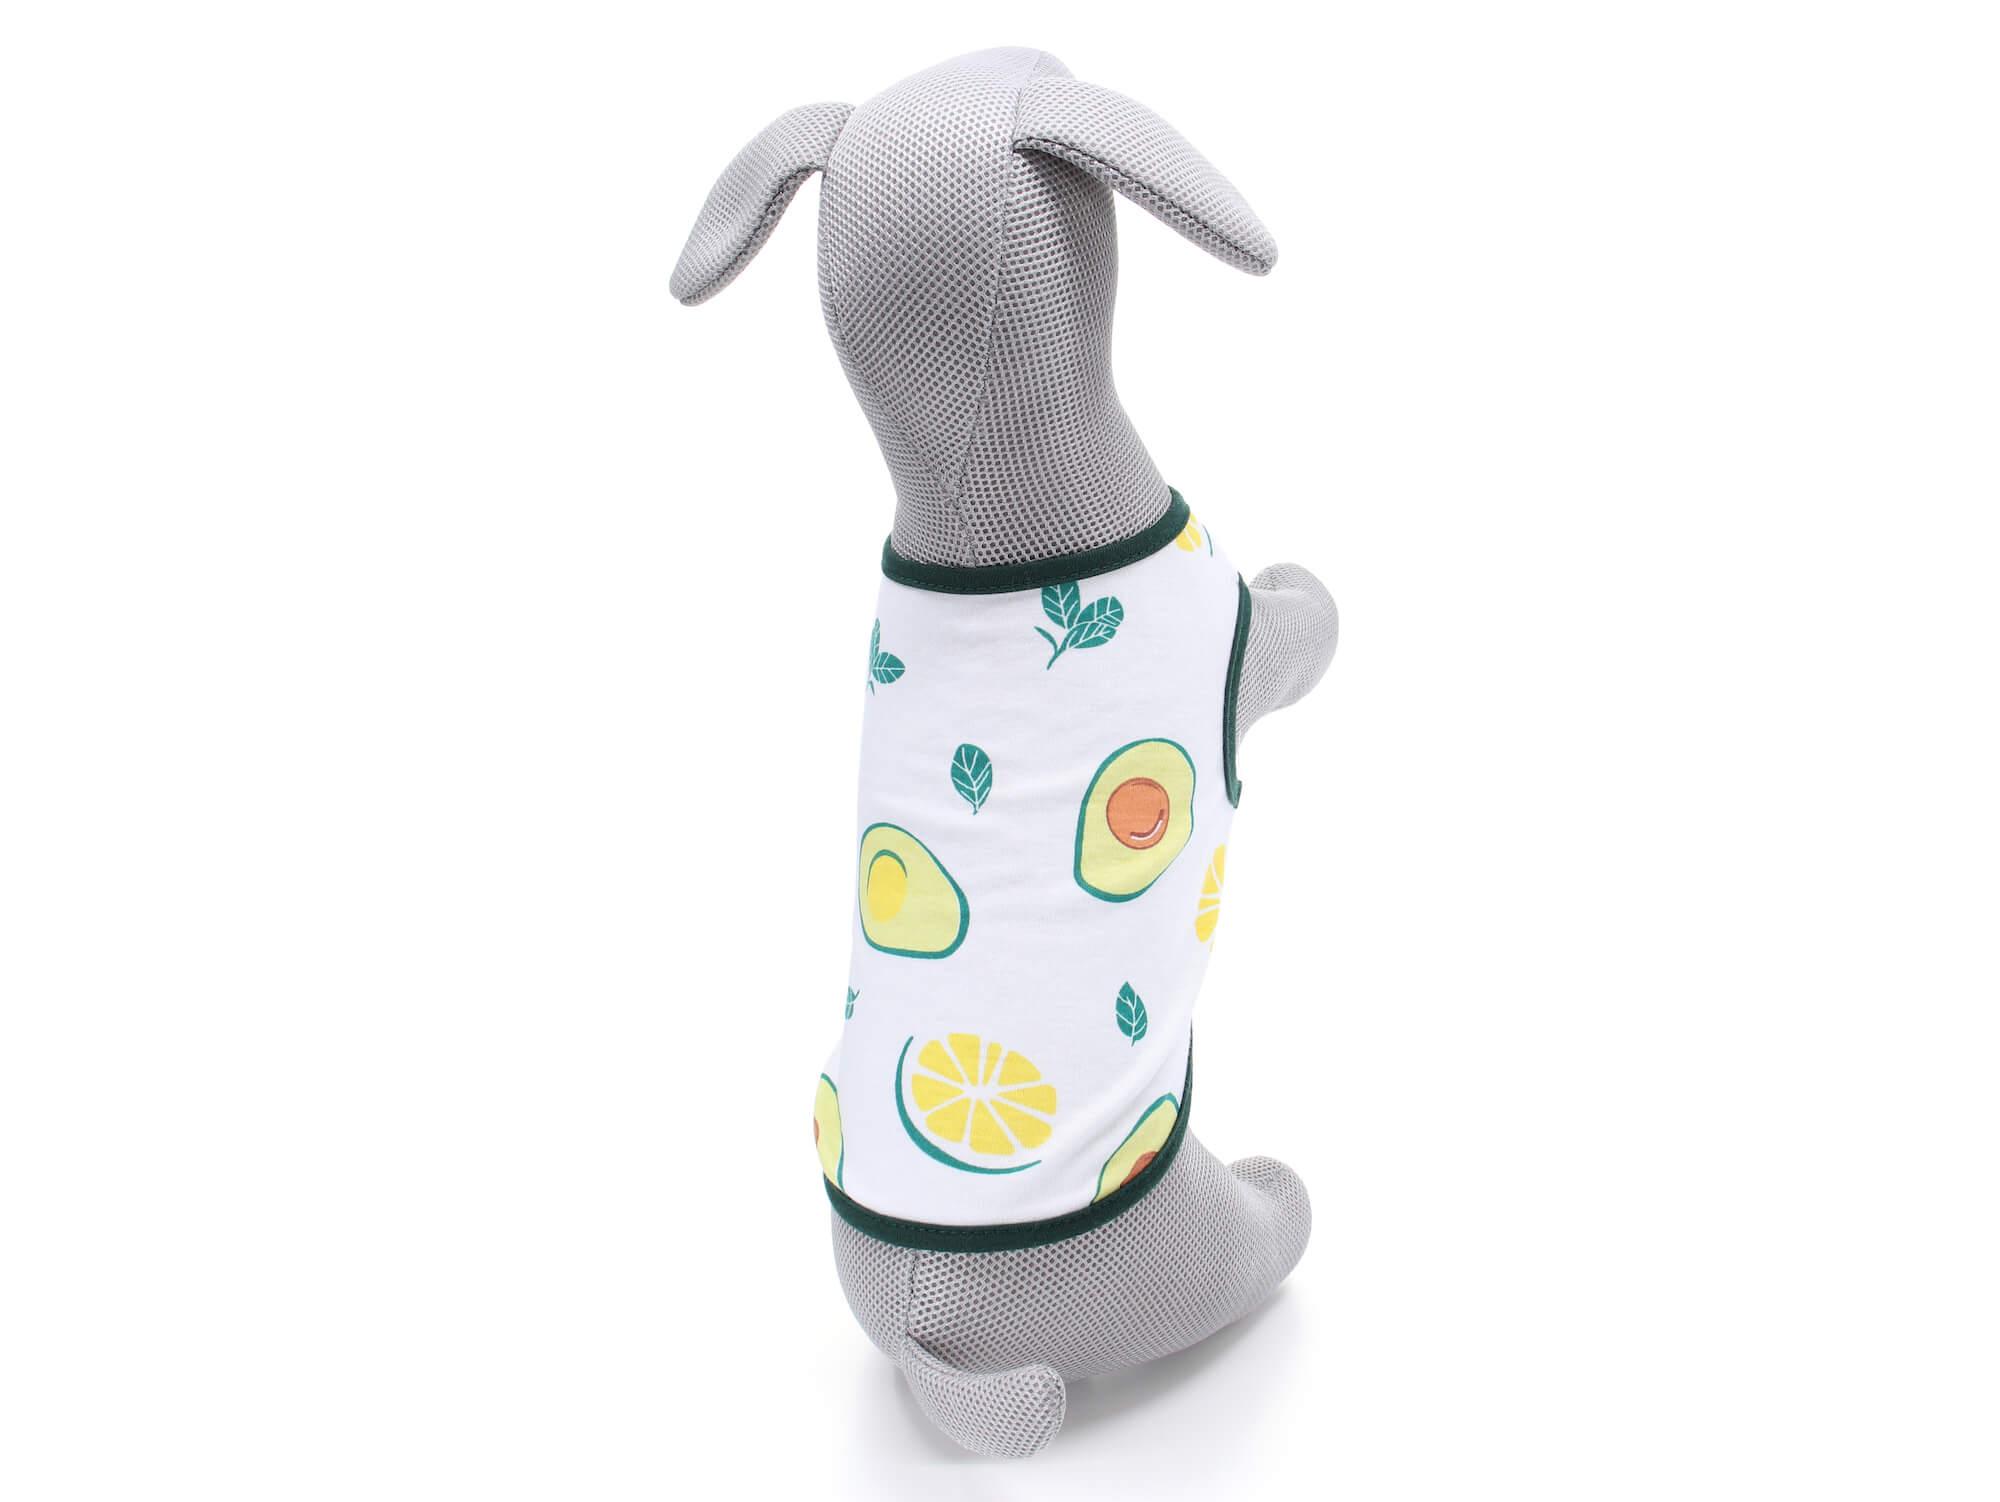 Vsepropejska Zada ovocné tričko s potiskem pro psa Barva: Zelená, Délka zad psa: 20 cm, Obvod hrudníku: 32 - 36 cm